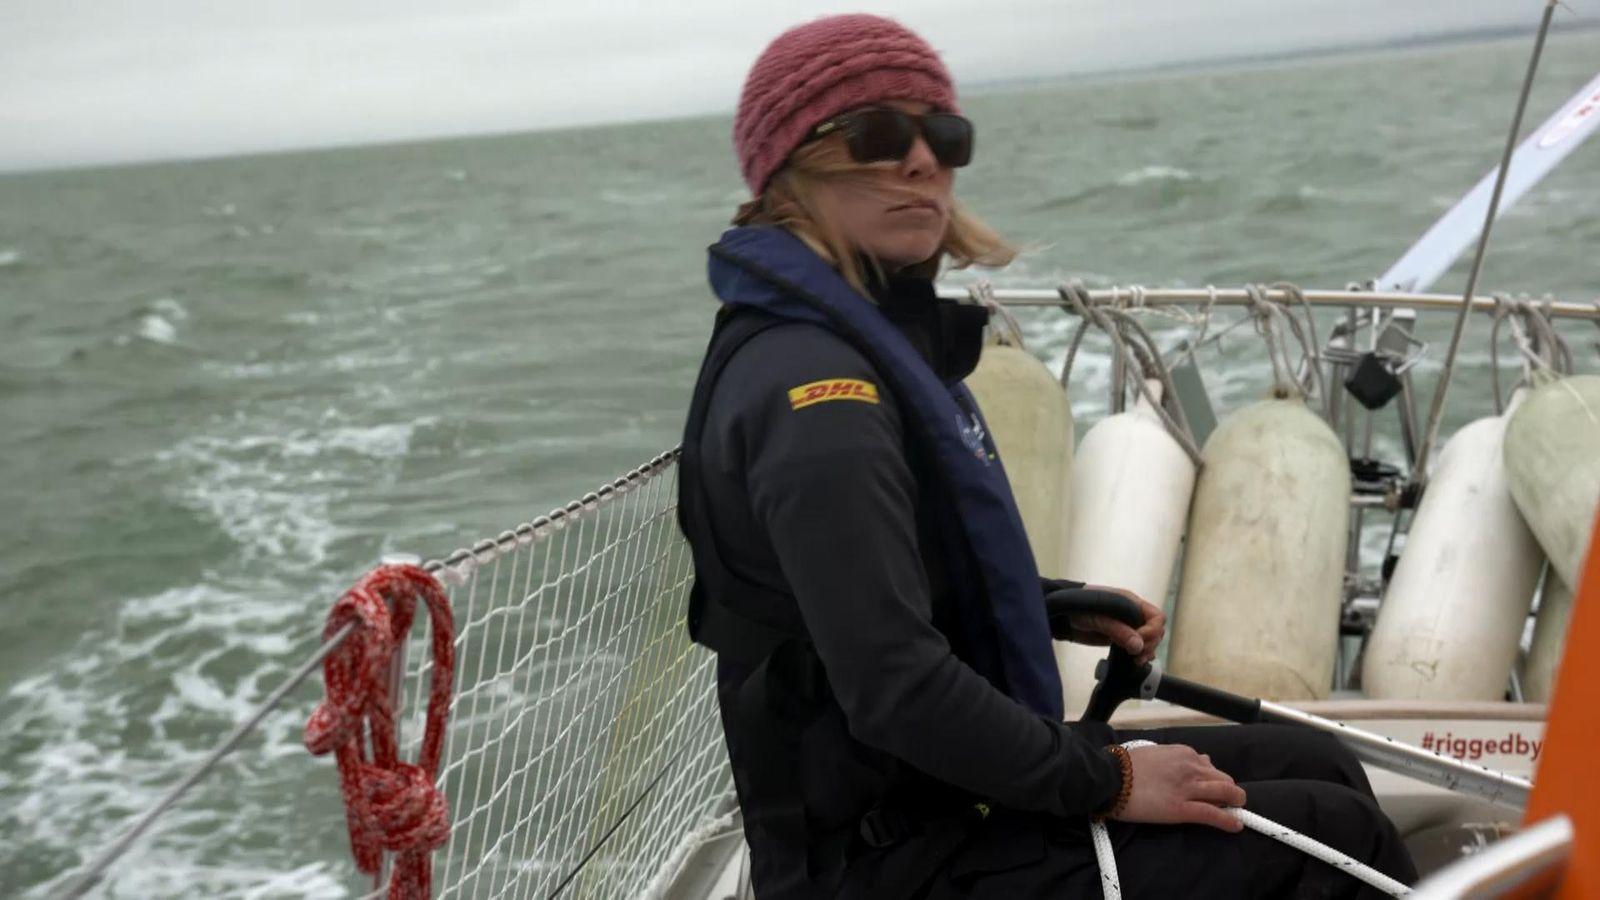 28岁的Susie Goodall将在金球奖比赛中创造帆船历史